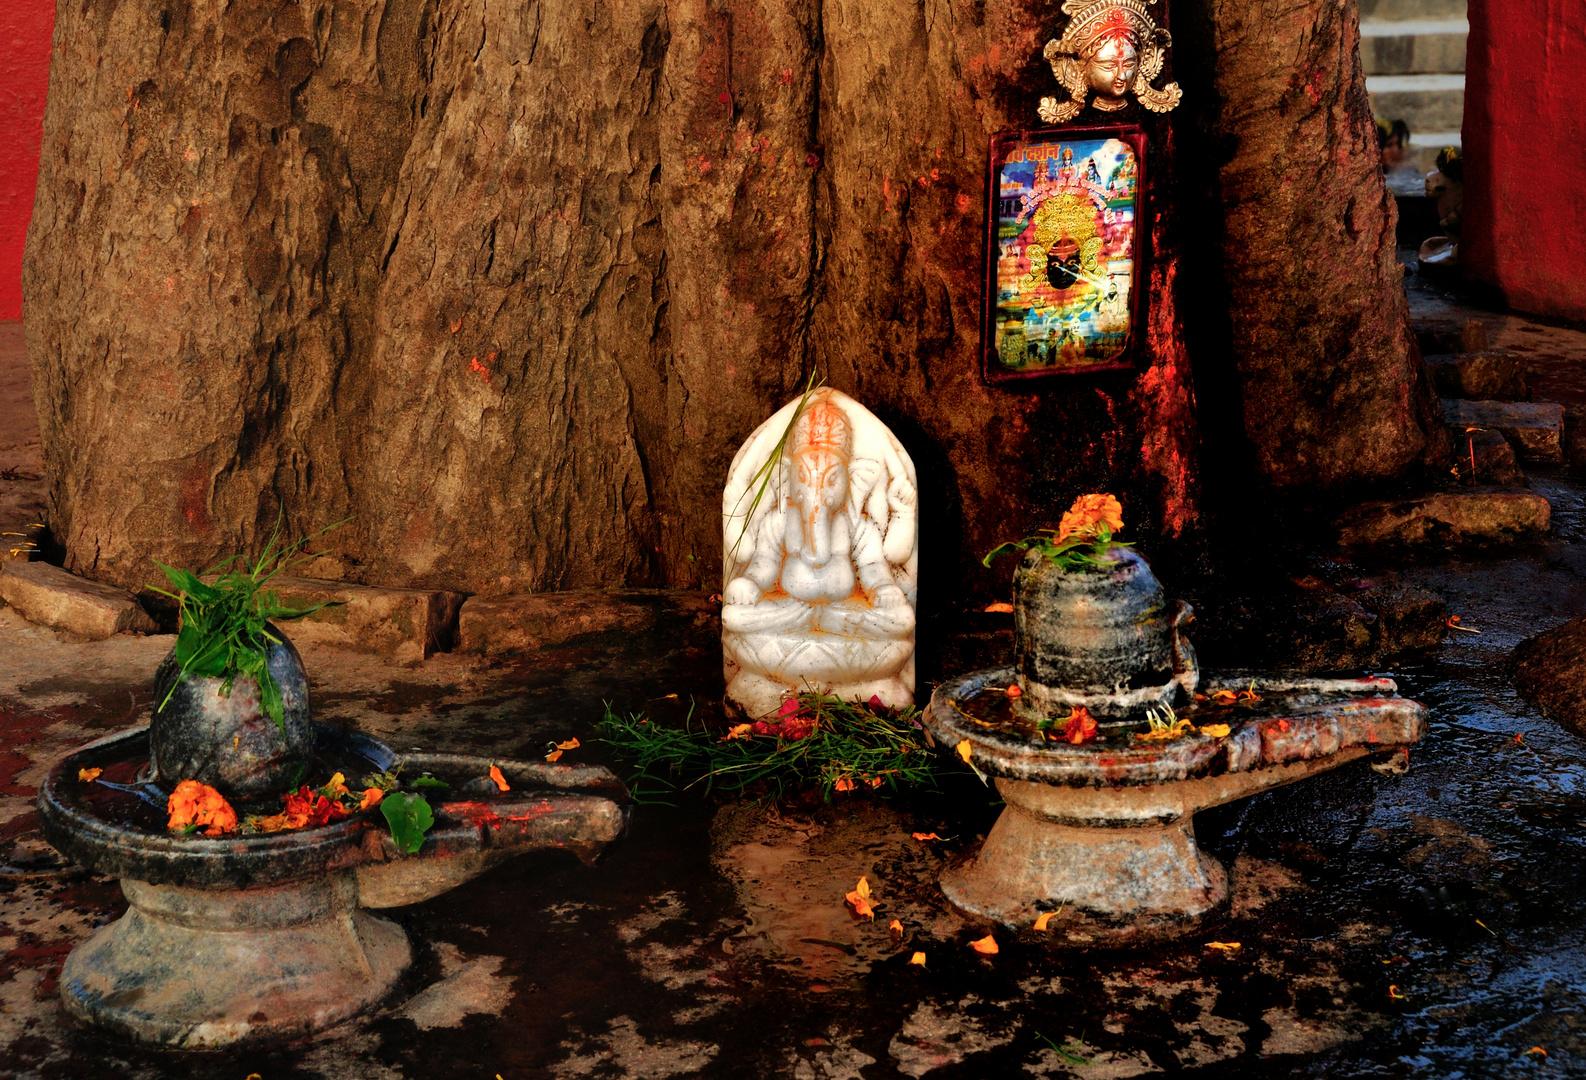 Zu ehren des Gott Ganesha